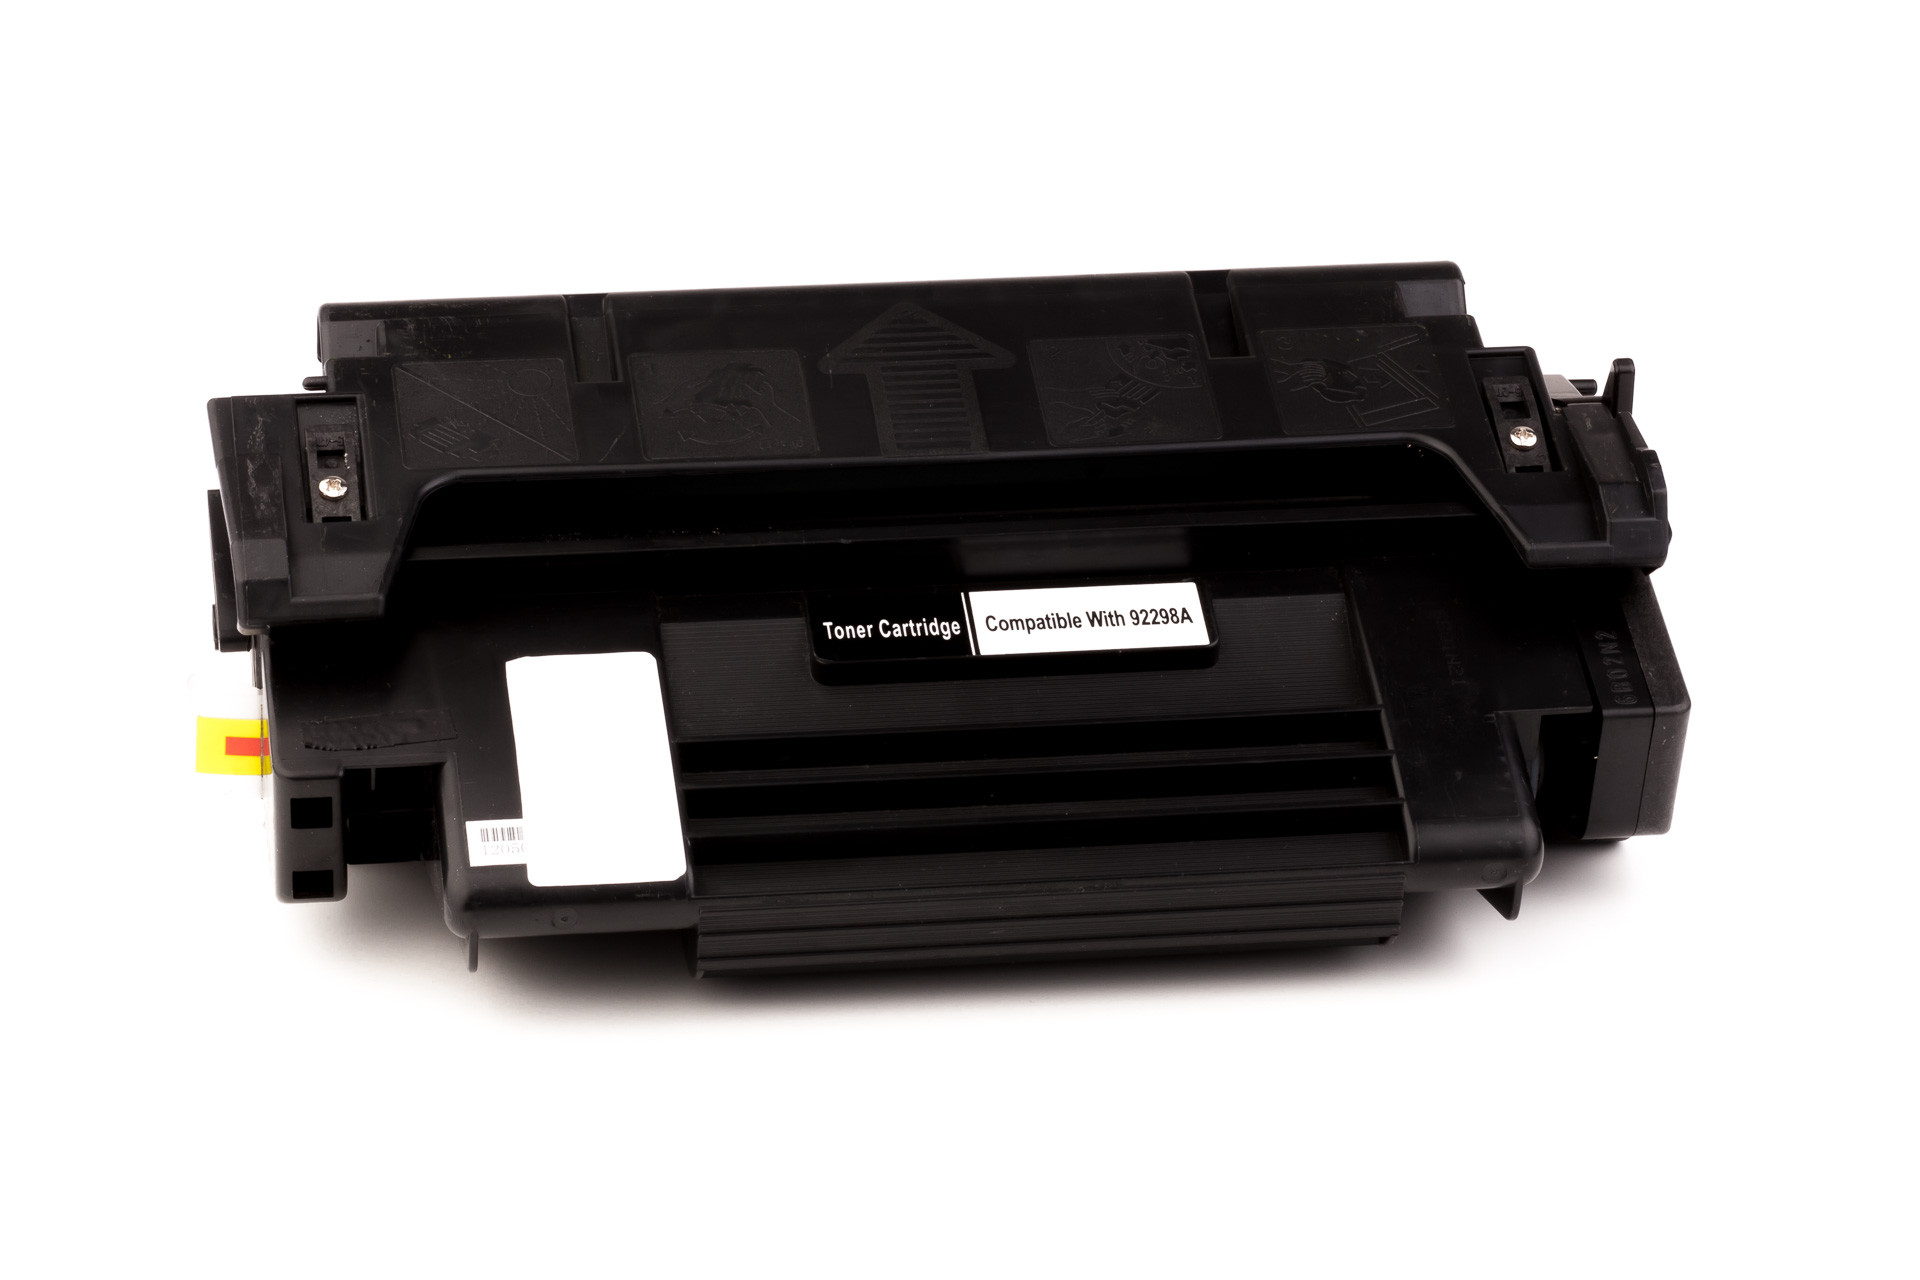 Alternativ-Toner fuer HP 92298X schwarz XL-Version